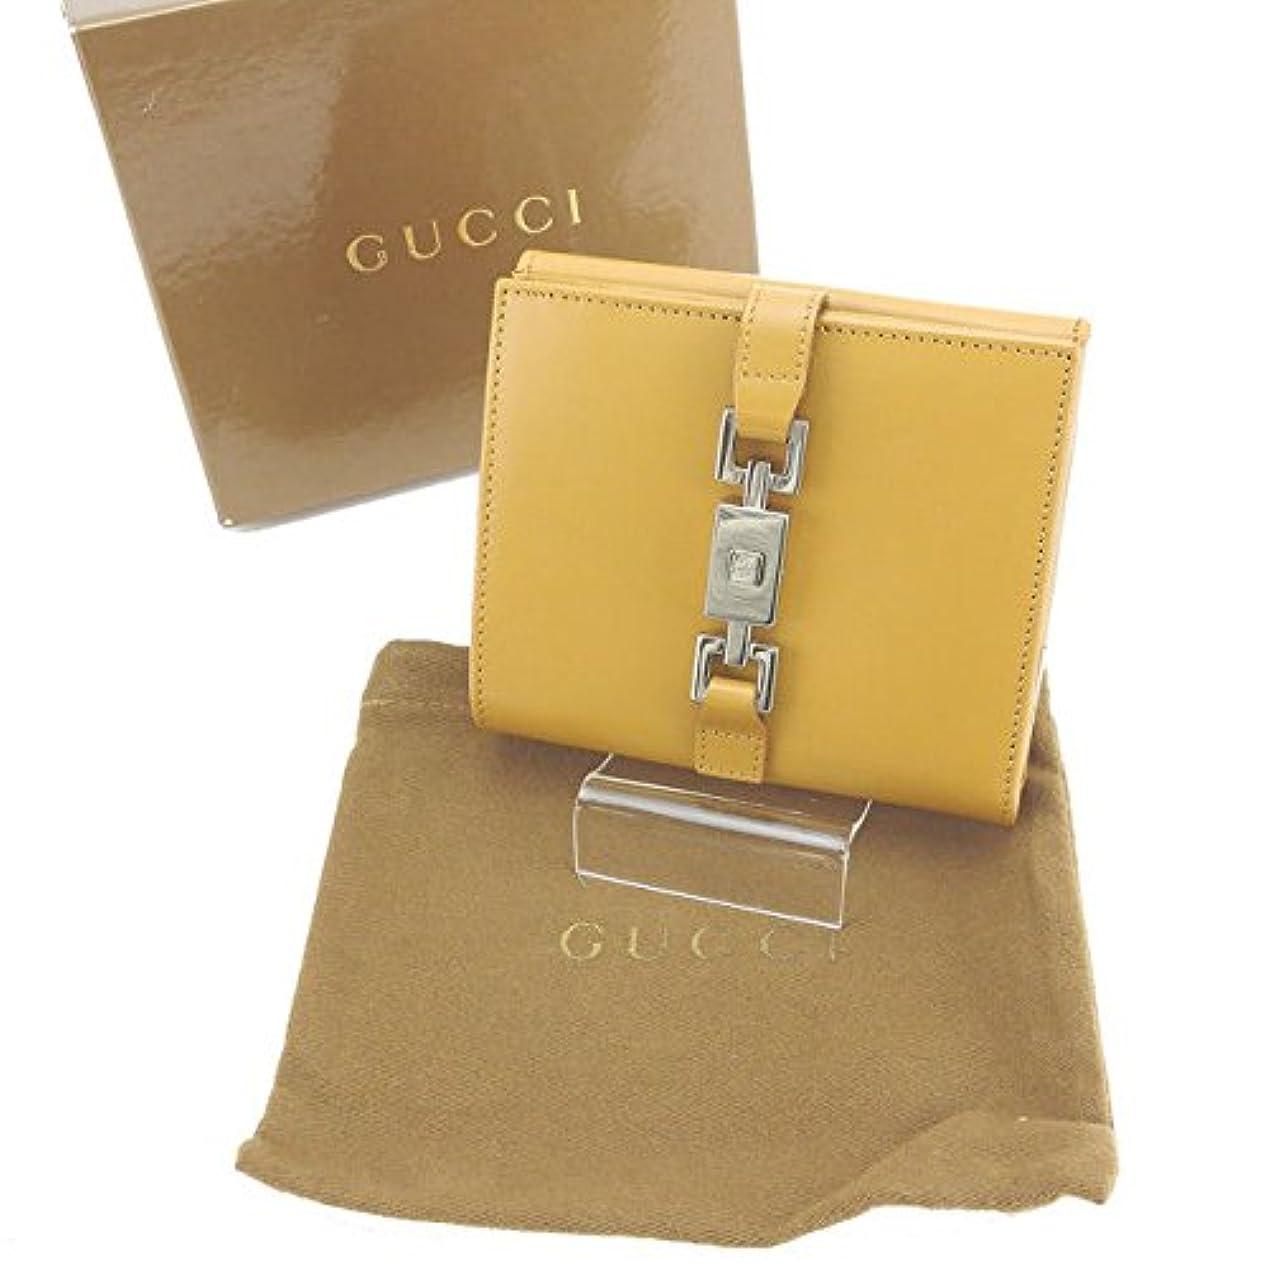 ぬれた集団黄ばむグッチ GUCCI Wホック財布 二つ折り コンパクトサイズ ユニセックス ジャッキー金具 中古 美品 C1865